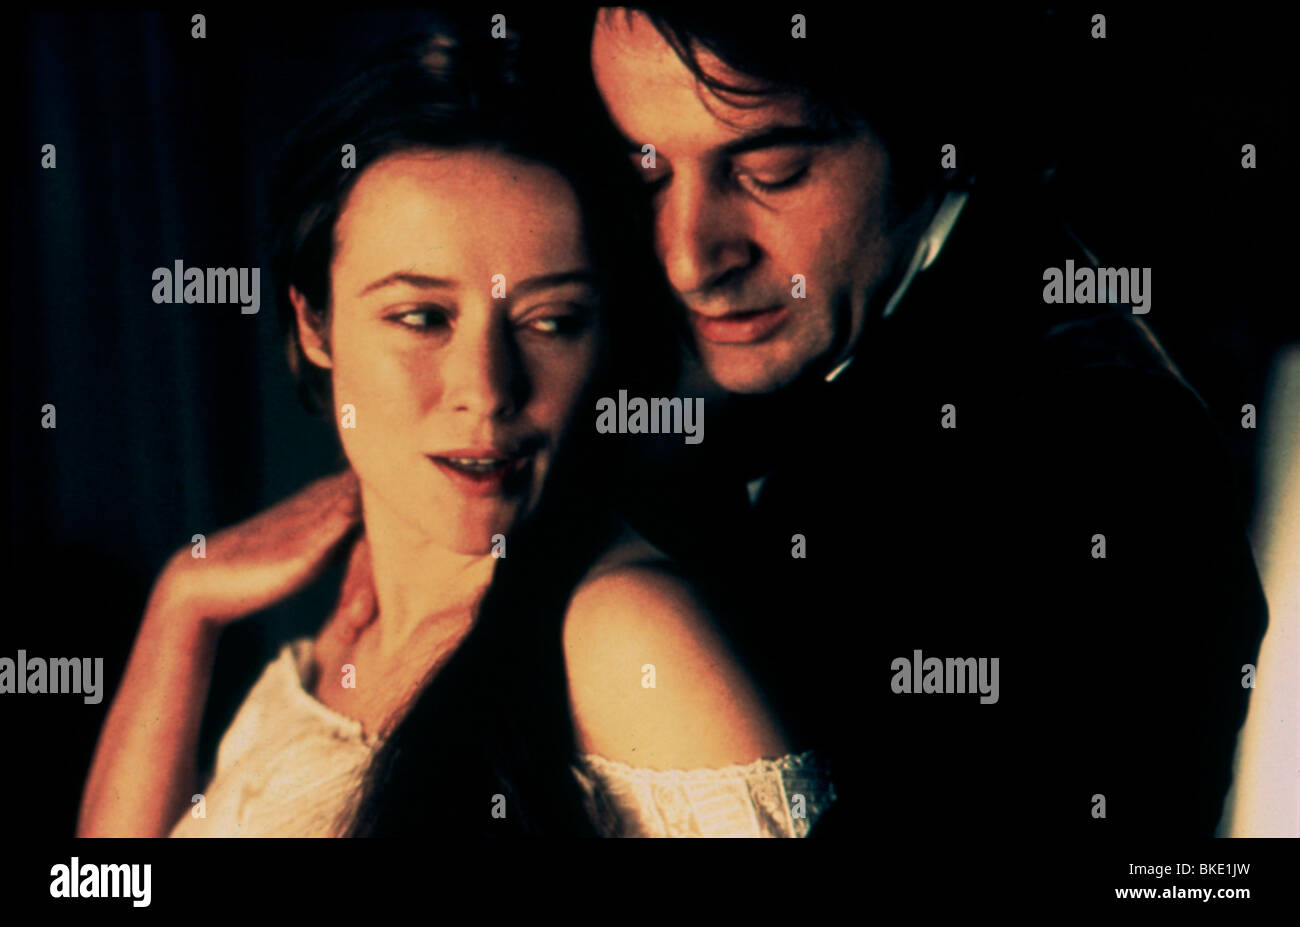 POSSESSION (2002) JENNIFER EHLE, JEREMY NORTHAM POSN 003 - Stock Image